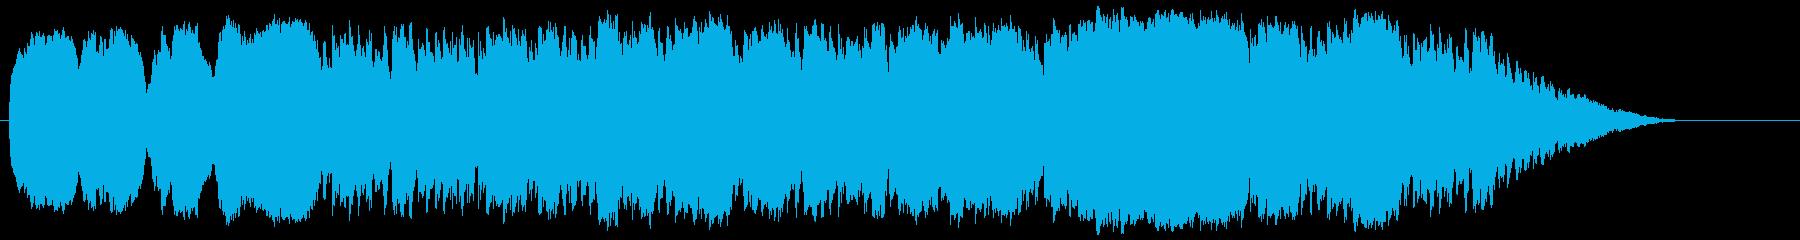 木管楽器+ストリングス曲_001木管楽…の再生済みの波形